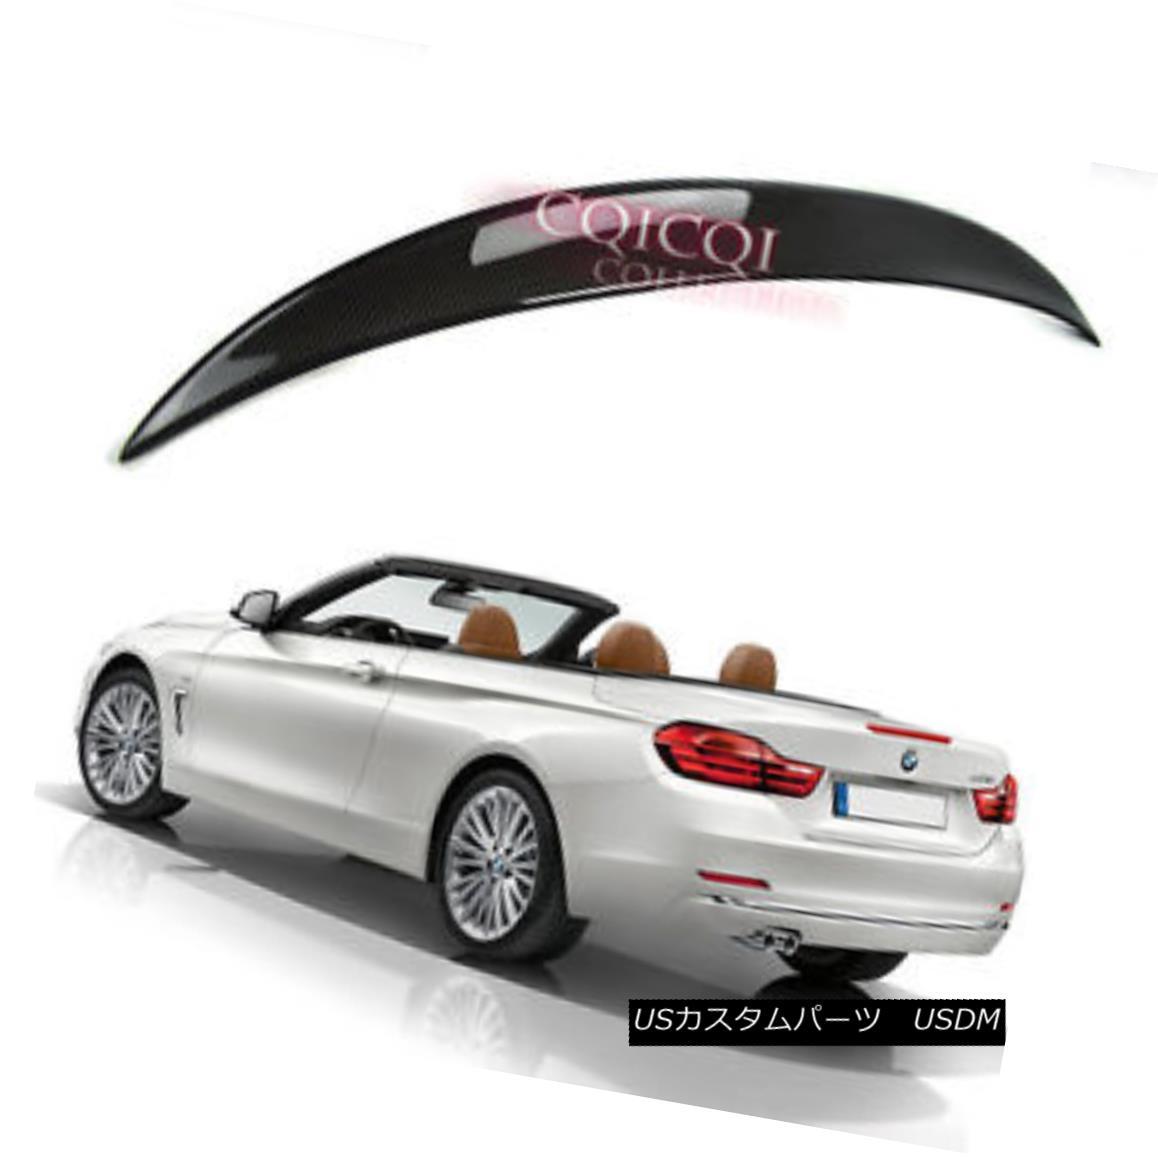 エアロパーツ Carbon BMW 14~17 F33 4-series convertible performance type trunk spoiler ◎ カーボンBMW 14?17 F33 4シリーズコンバーチブルパフォーマンスタイプのトランク・スポイラー?